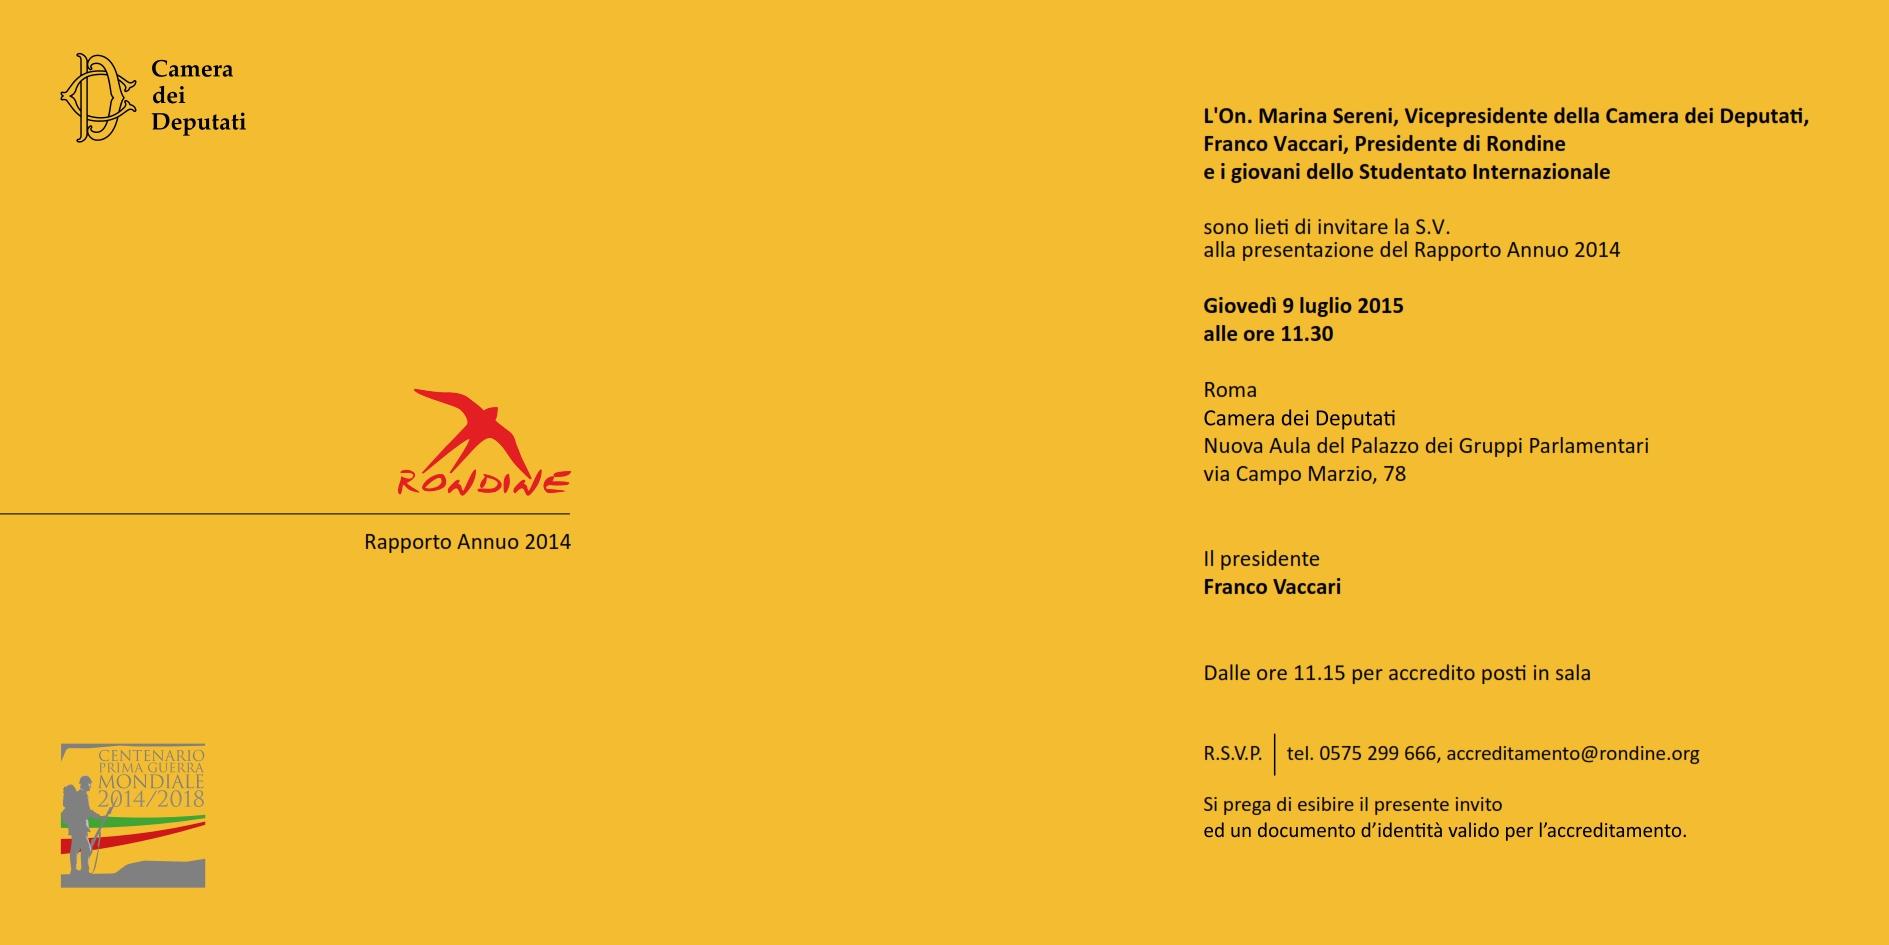 Rapporto Annuo 2014. Rondine Cittadella della Pace torna alla Camera dei Deputati per presentare i nuovi 18 leader del futuro a 18 anni dalla sua fondazione